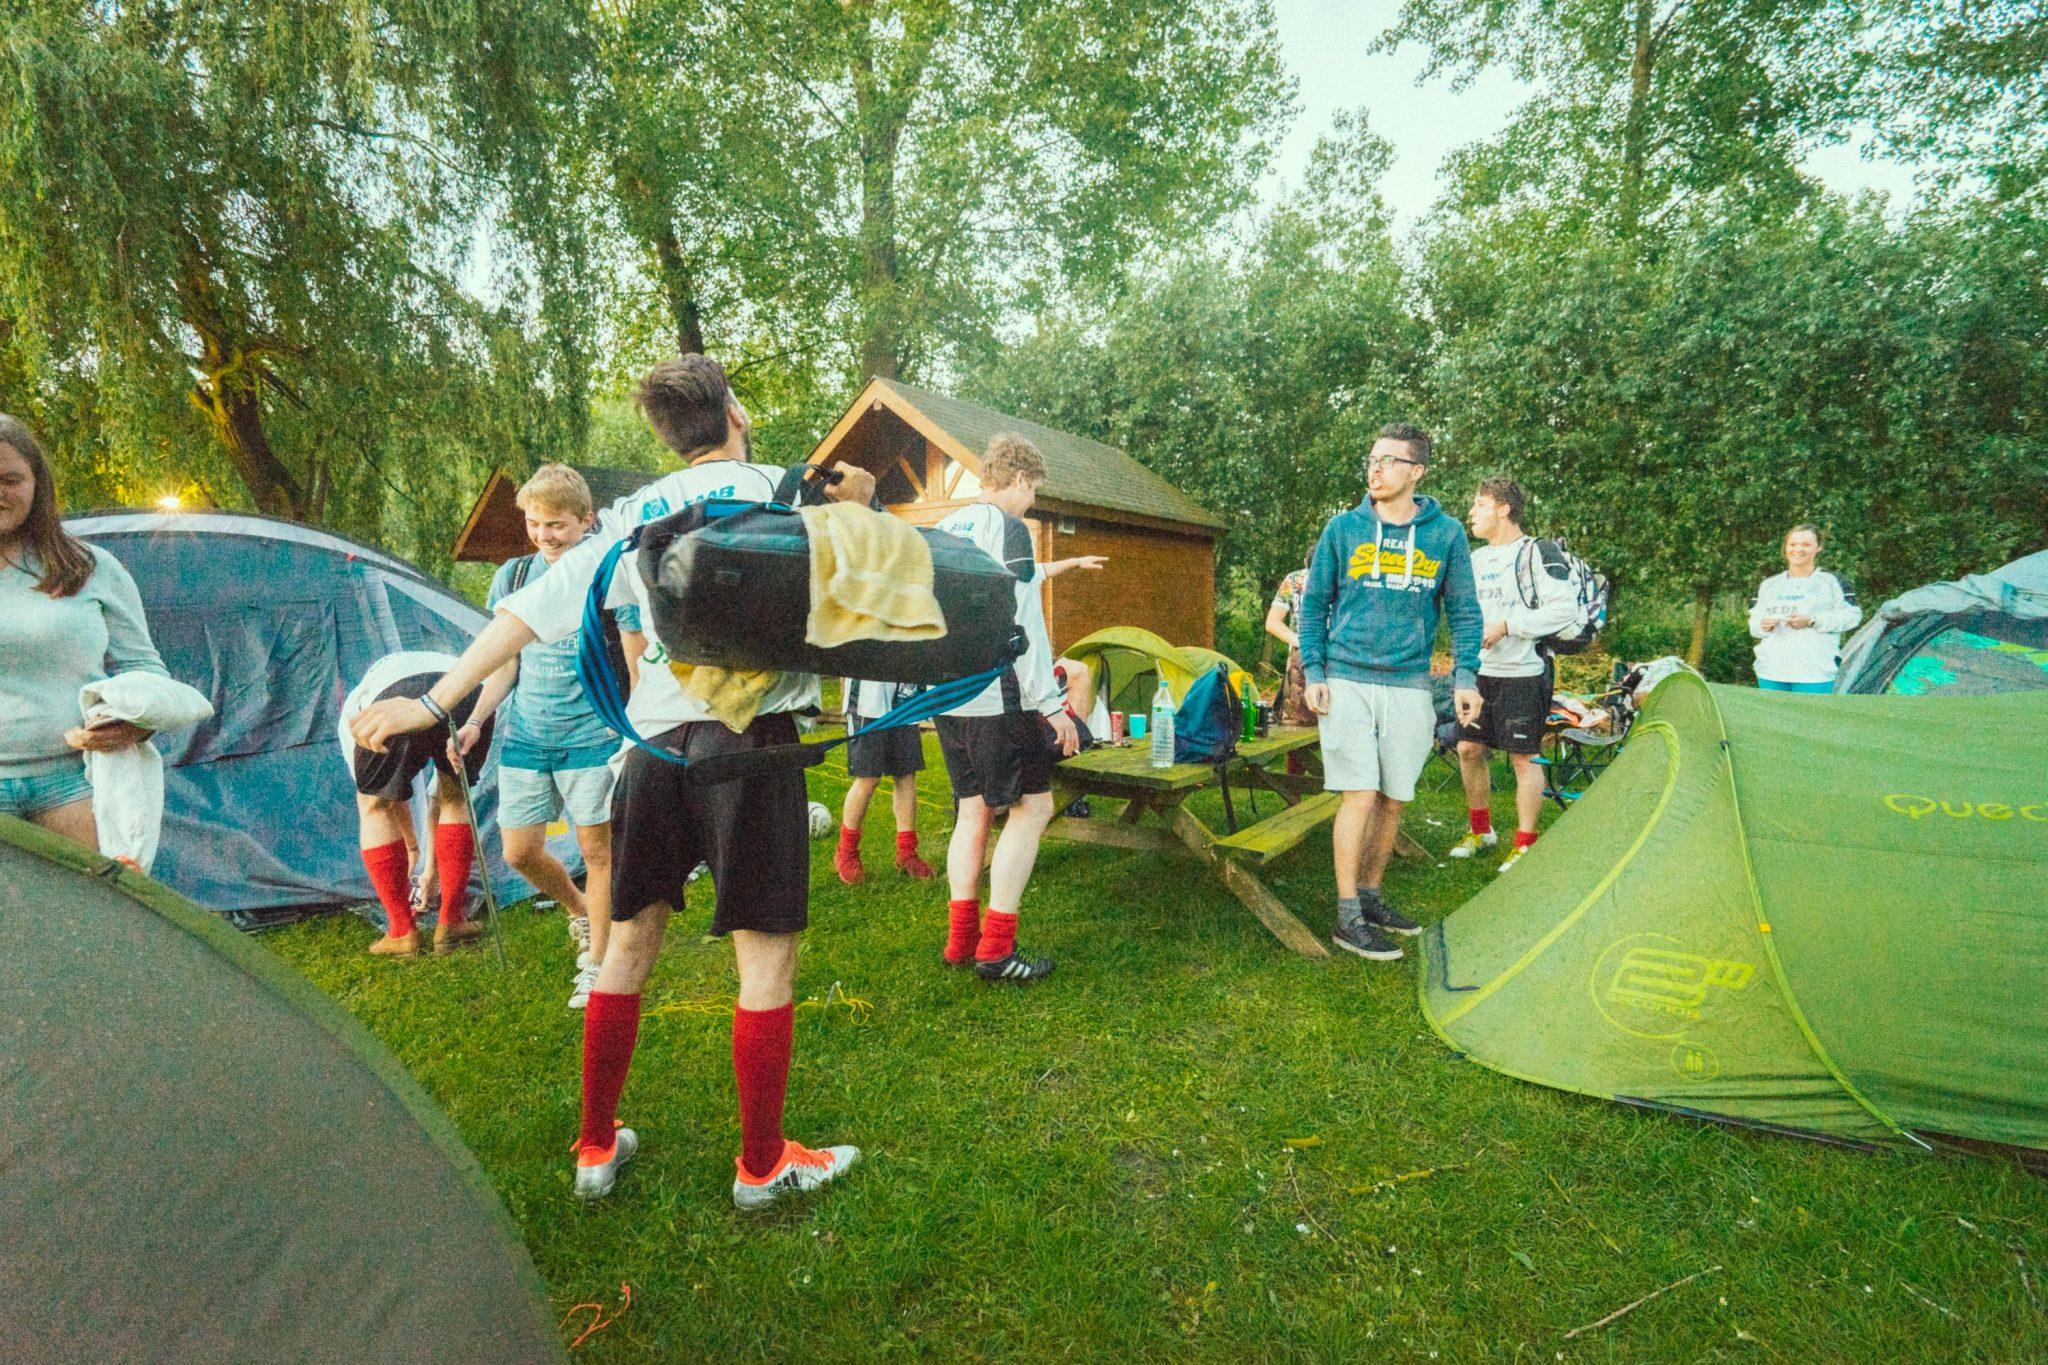 Camping Groeneveld - Kamperen met tent als groep met scouts en jongeren